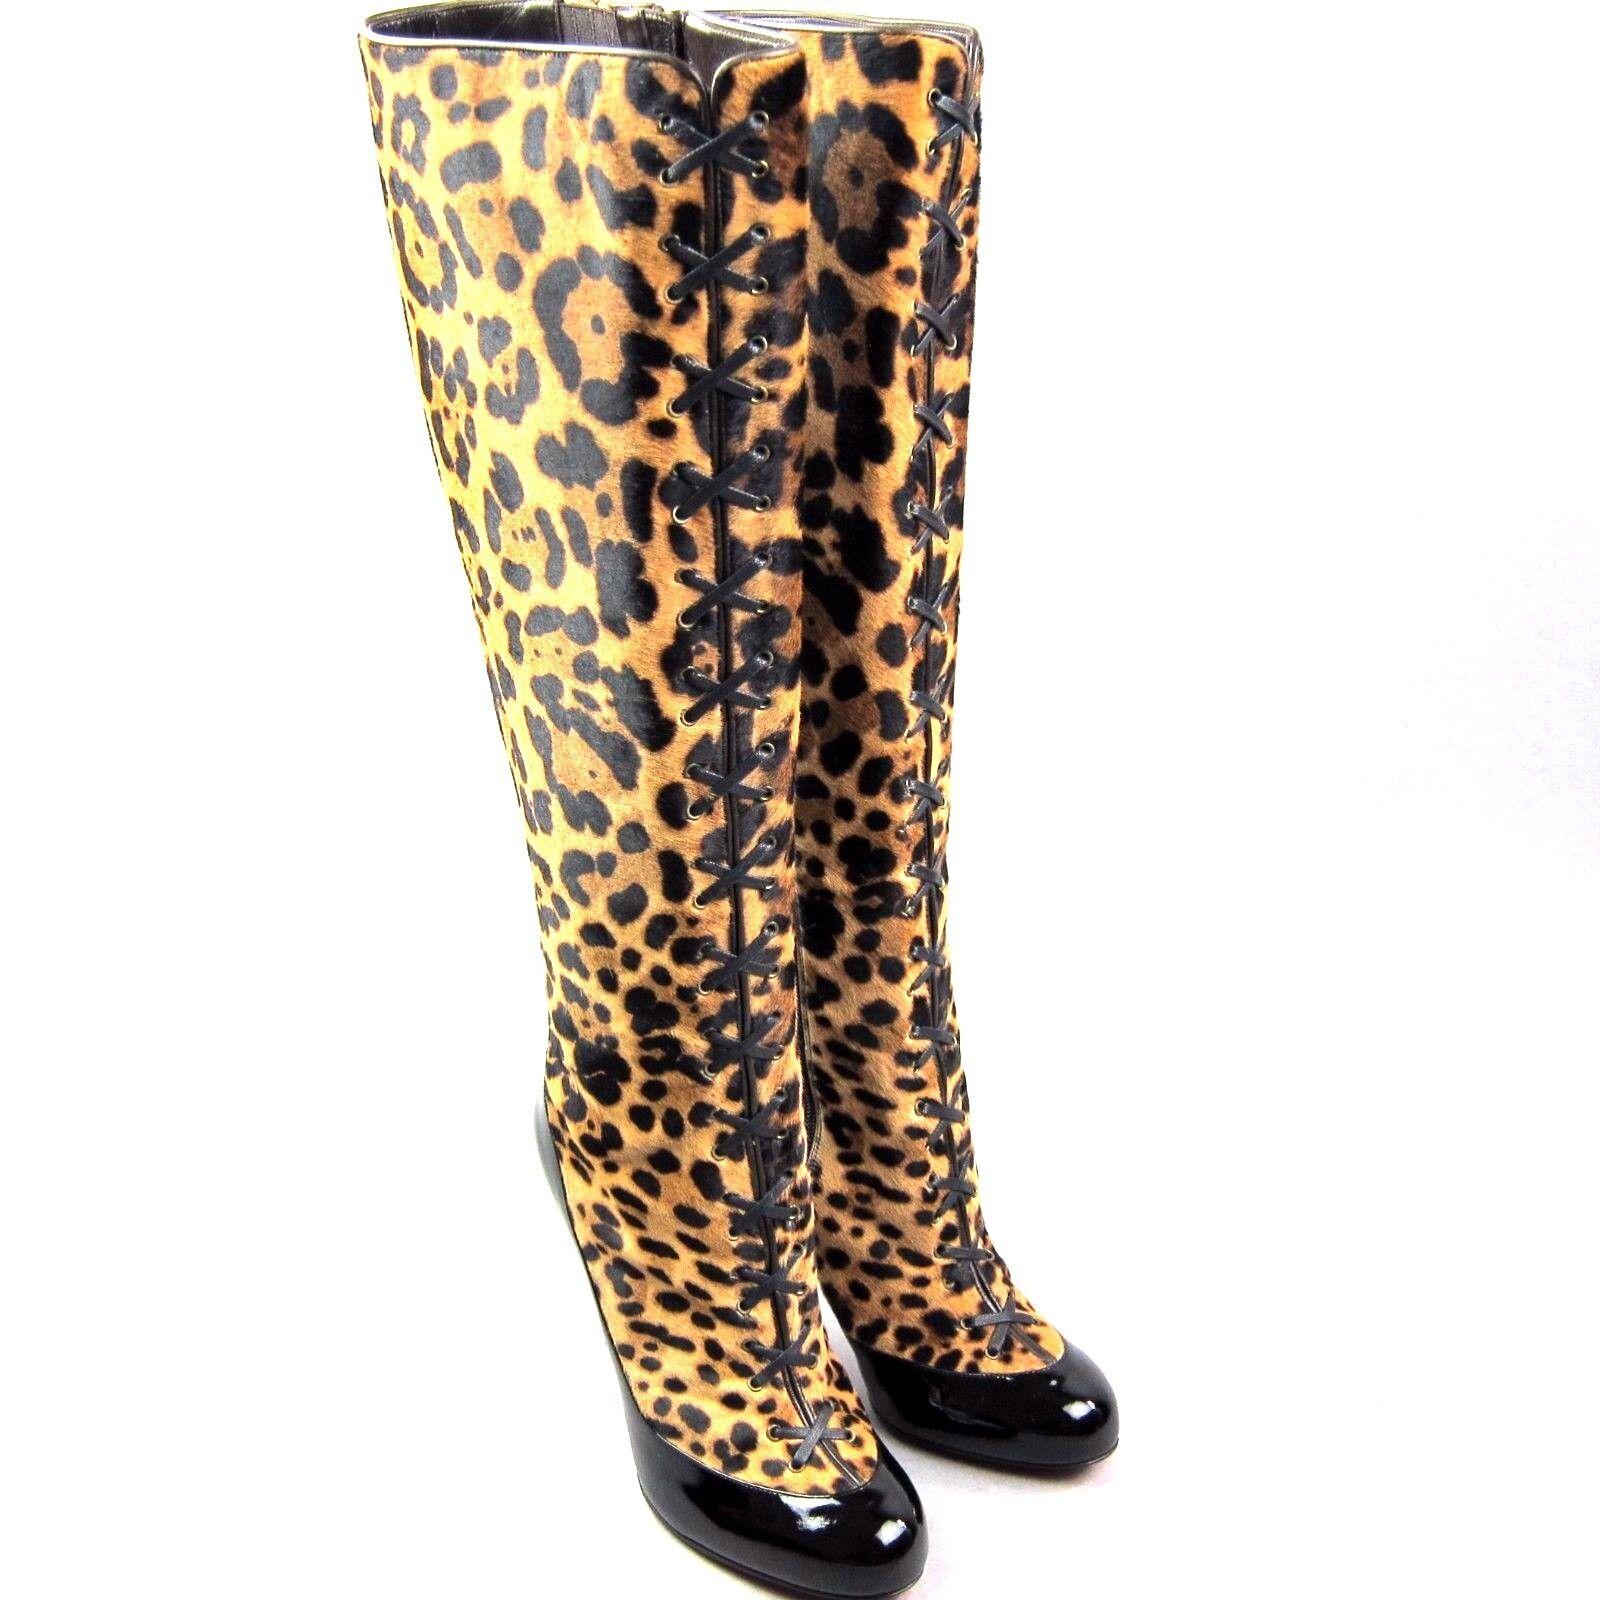 Kk-cl80450 Nuevo Christian Louboutin Gwendoline Leopardo Leopardo Leopardo Pony botas 100 Talla 38 8  autorización